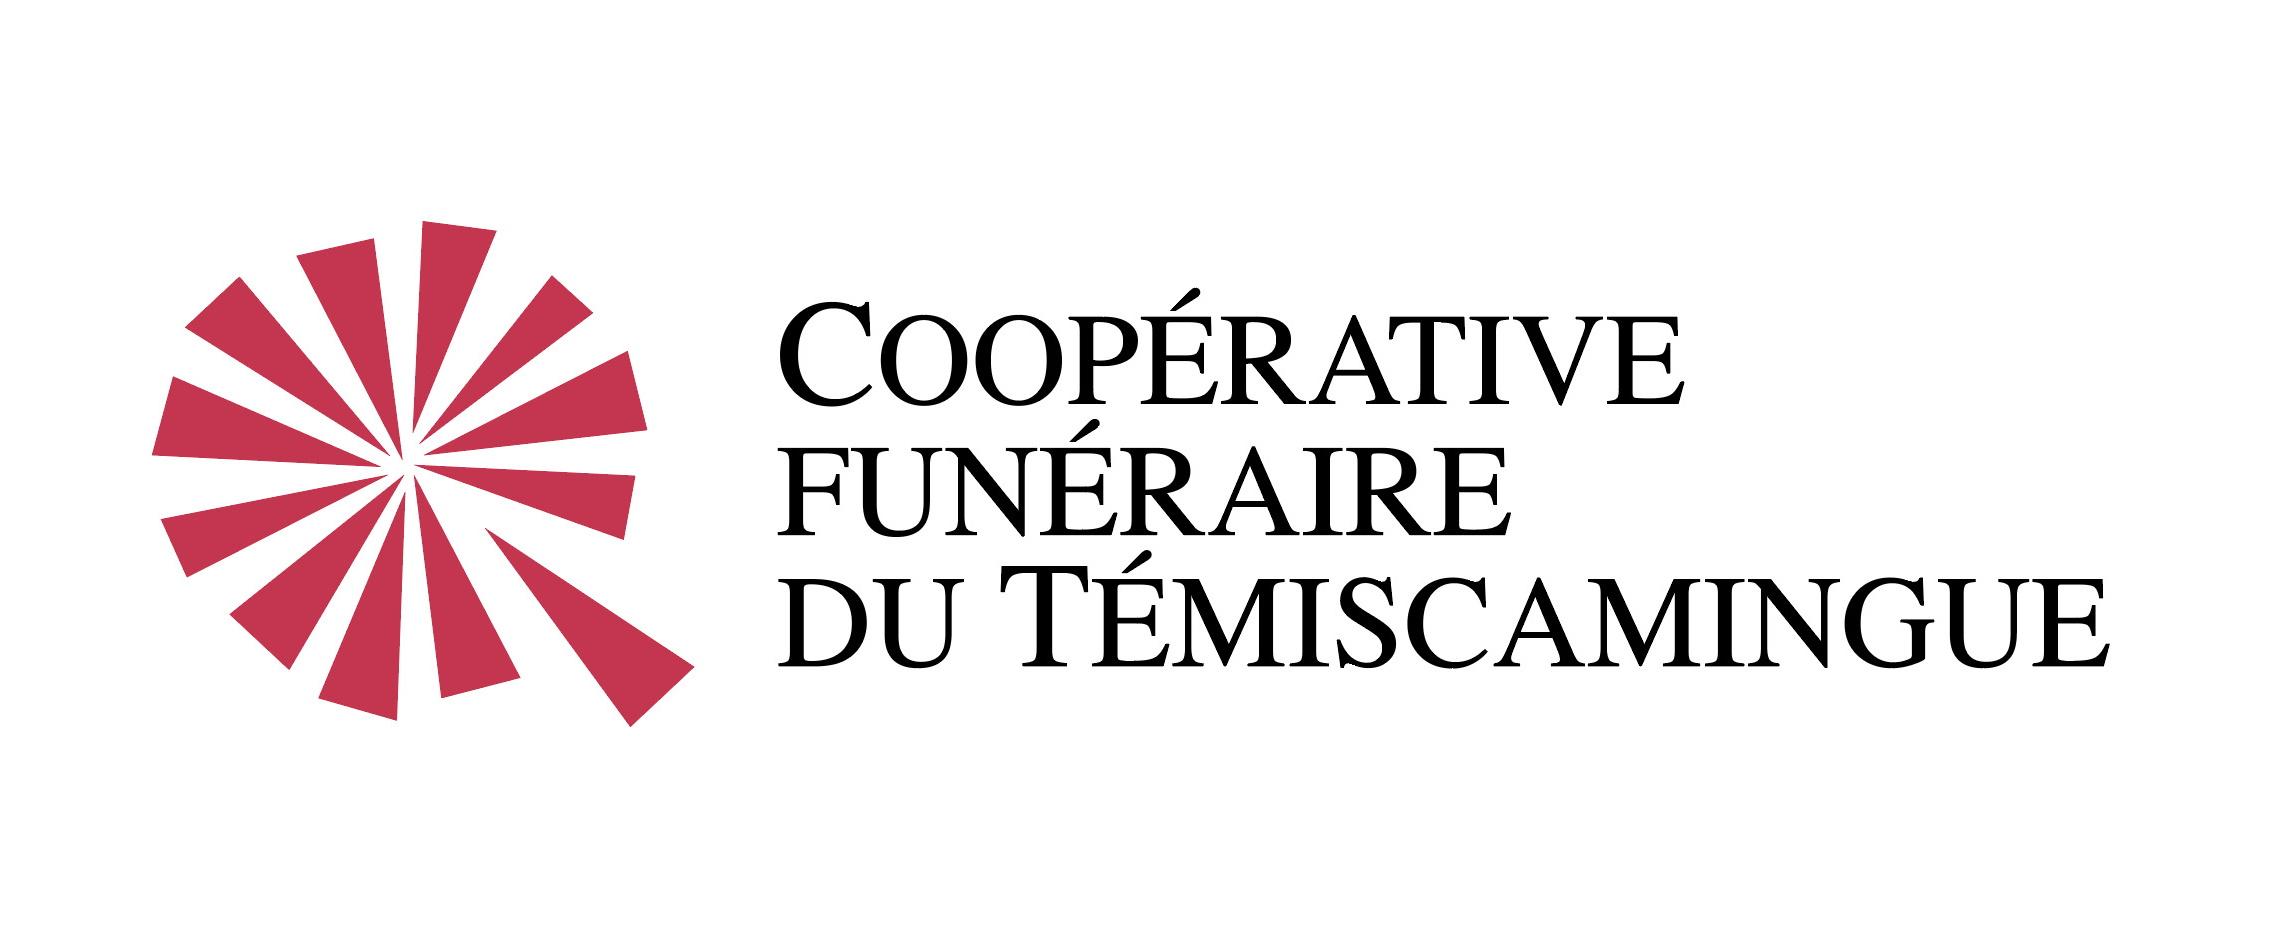 Coopérative funéraire du Témiscamingue